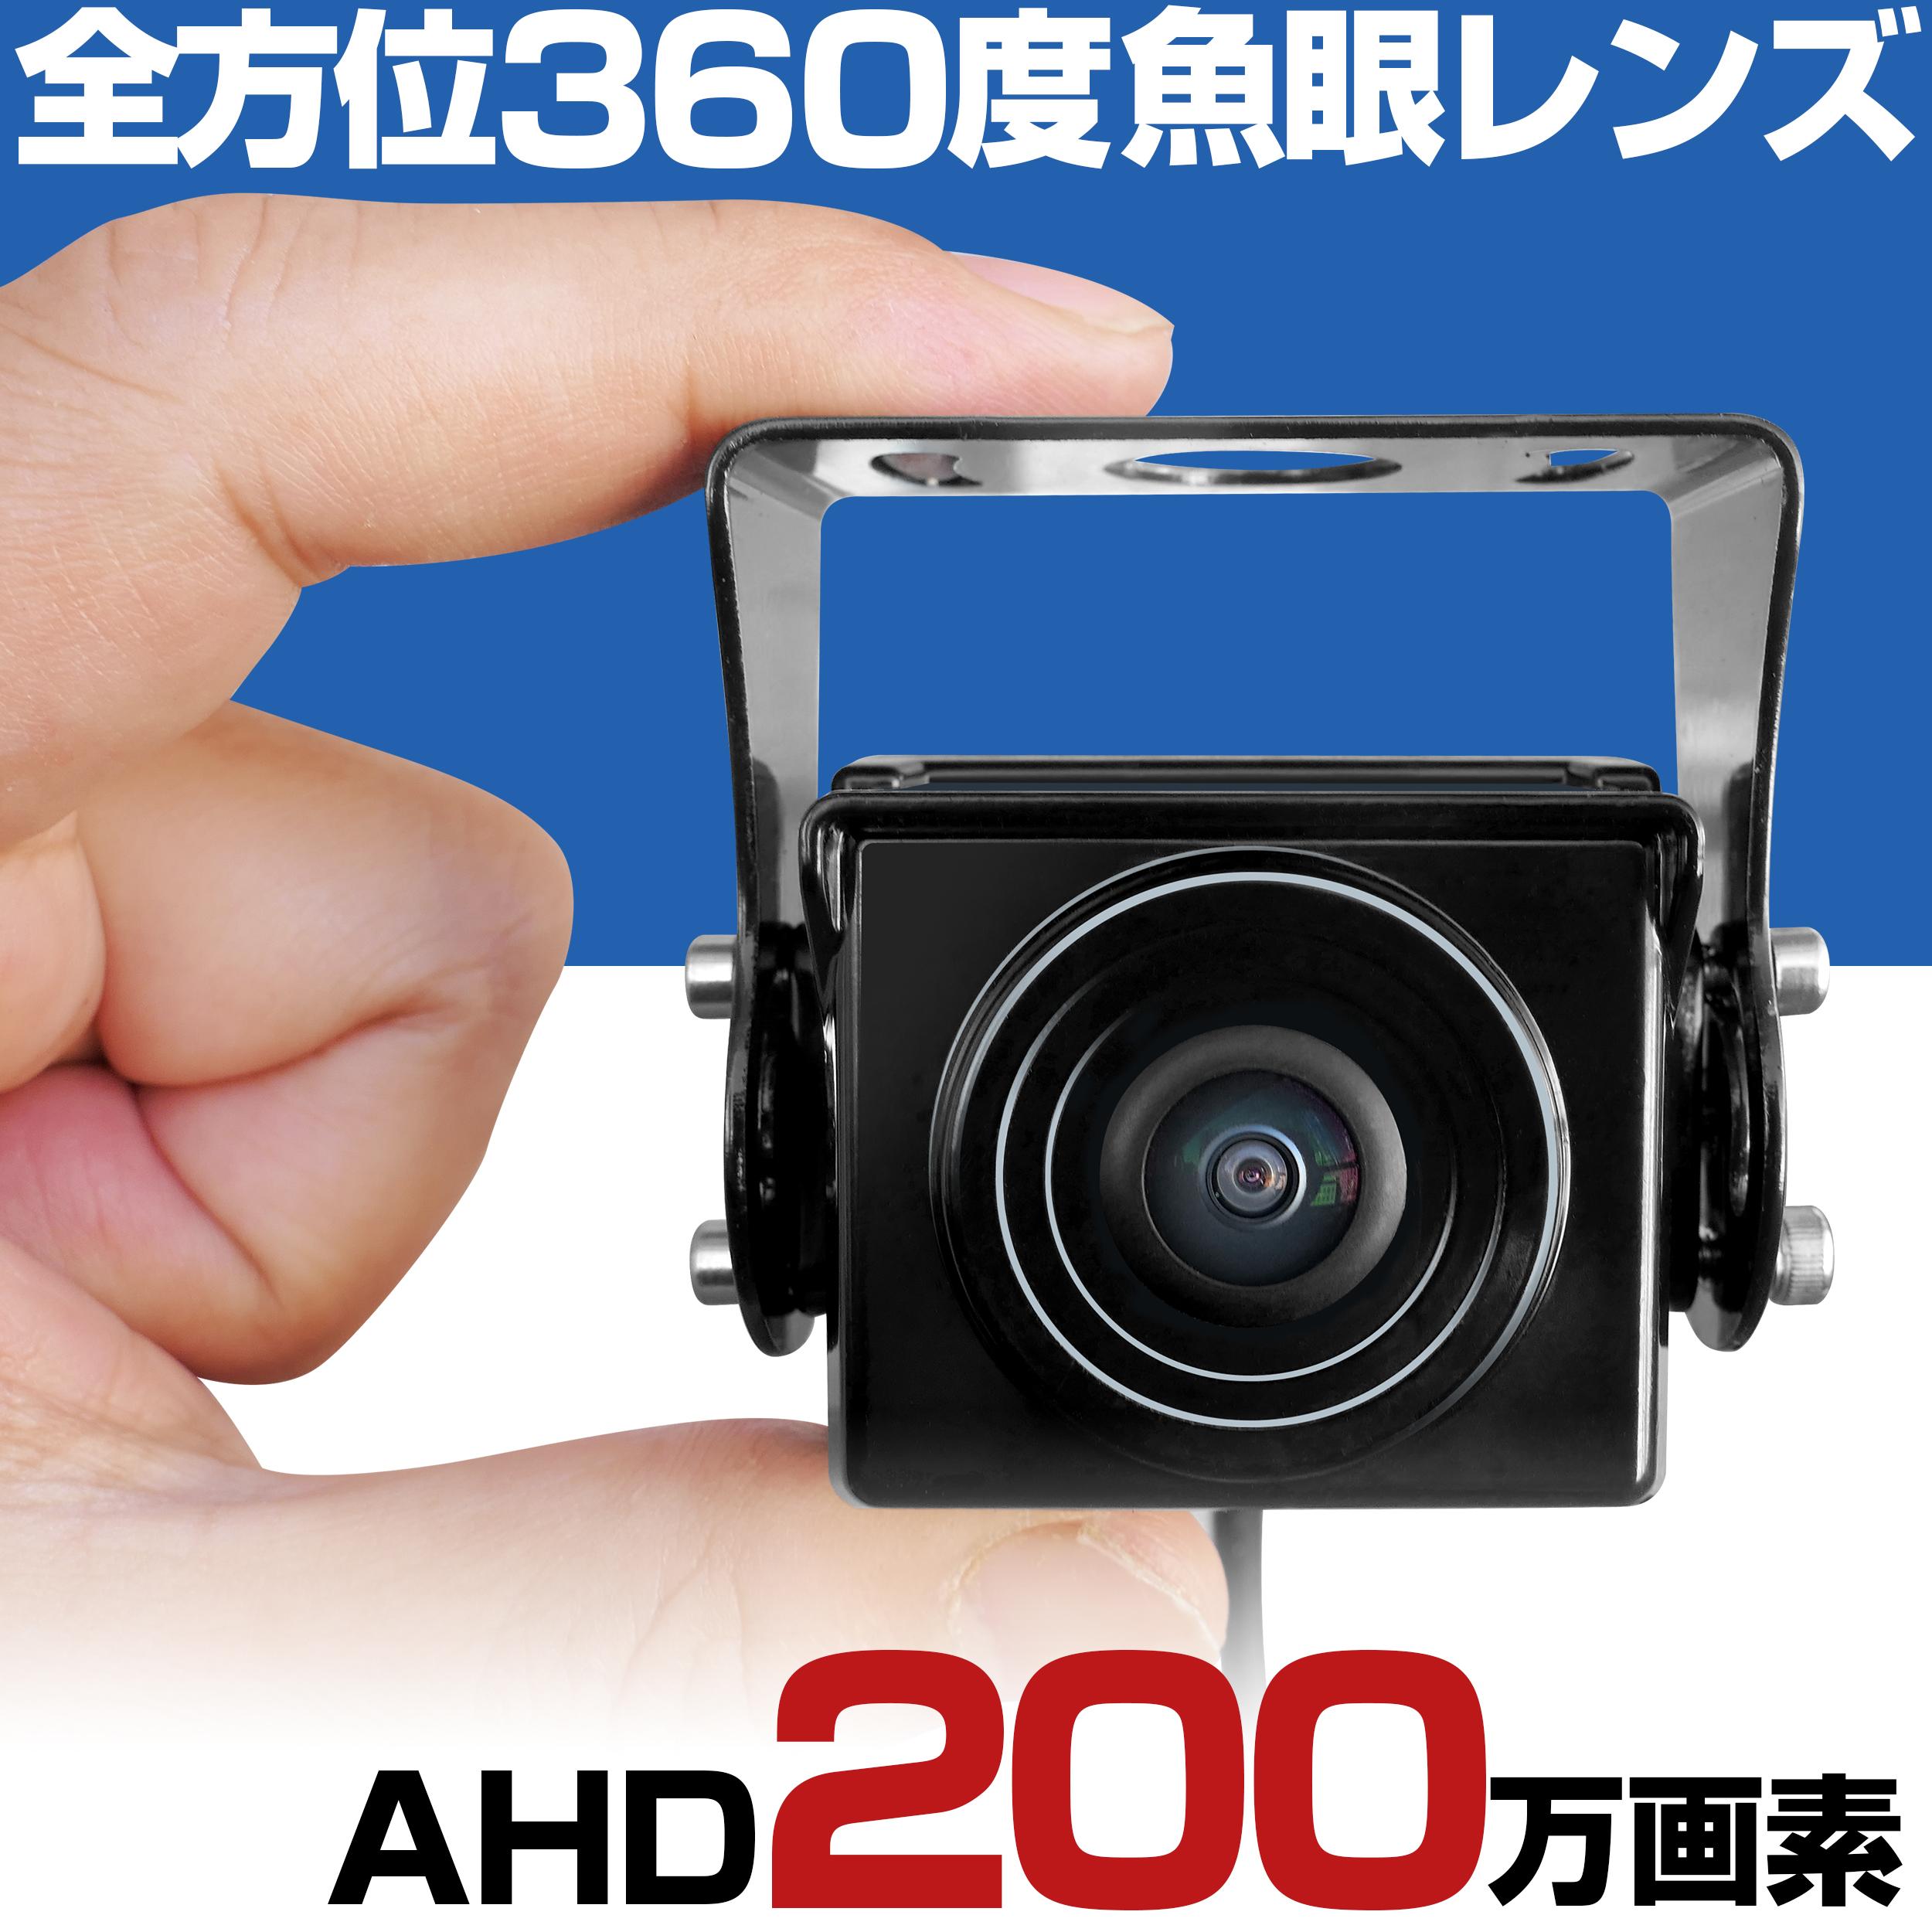 360度魚眼レンズ カメラ1台で広範囲をカバー暗闇でもカラー撮影 超小型で超軽量SONY製スターライトセンサー採用AHD 200万画素 監視カメラ 夜間 !超美品再入荷品質至上! 簡単 設置 防犯カメラ 360度 魚眼レンズ スターライトカメラ 屋外 家庭用 セット GE2004 有線 AHD 360度カメラ ランキング総合1位 業務用 SONY製センサー採用 小型 赤外線 本物 車庫 暗視 駐車場 車上荒らし